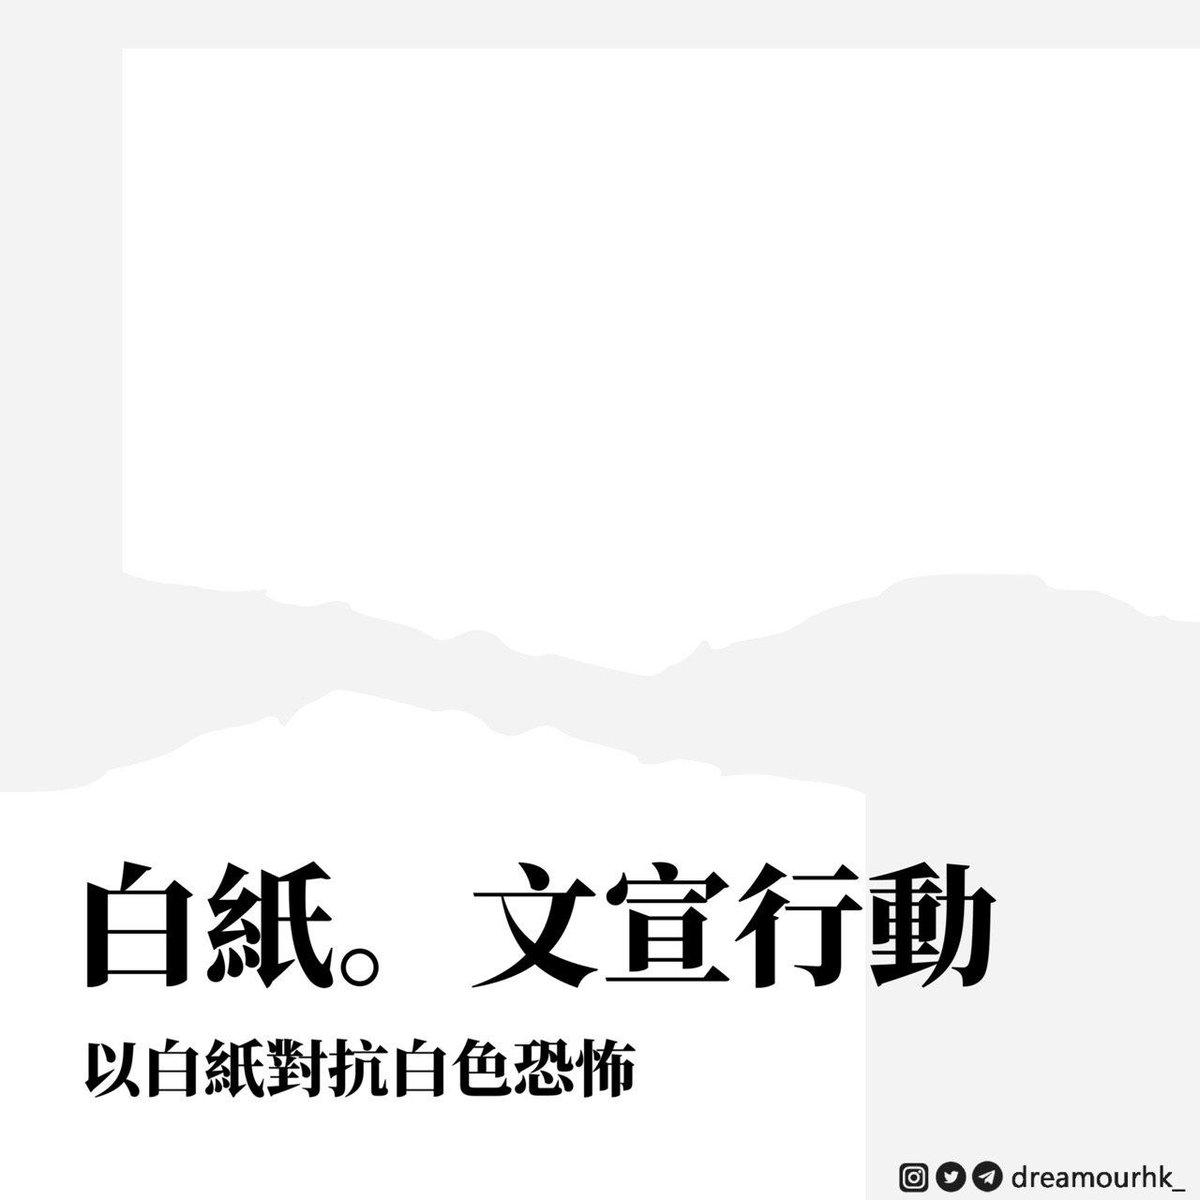 #文宣 #StandWithHongKong https://t.co/cOjOxJ7SFL